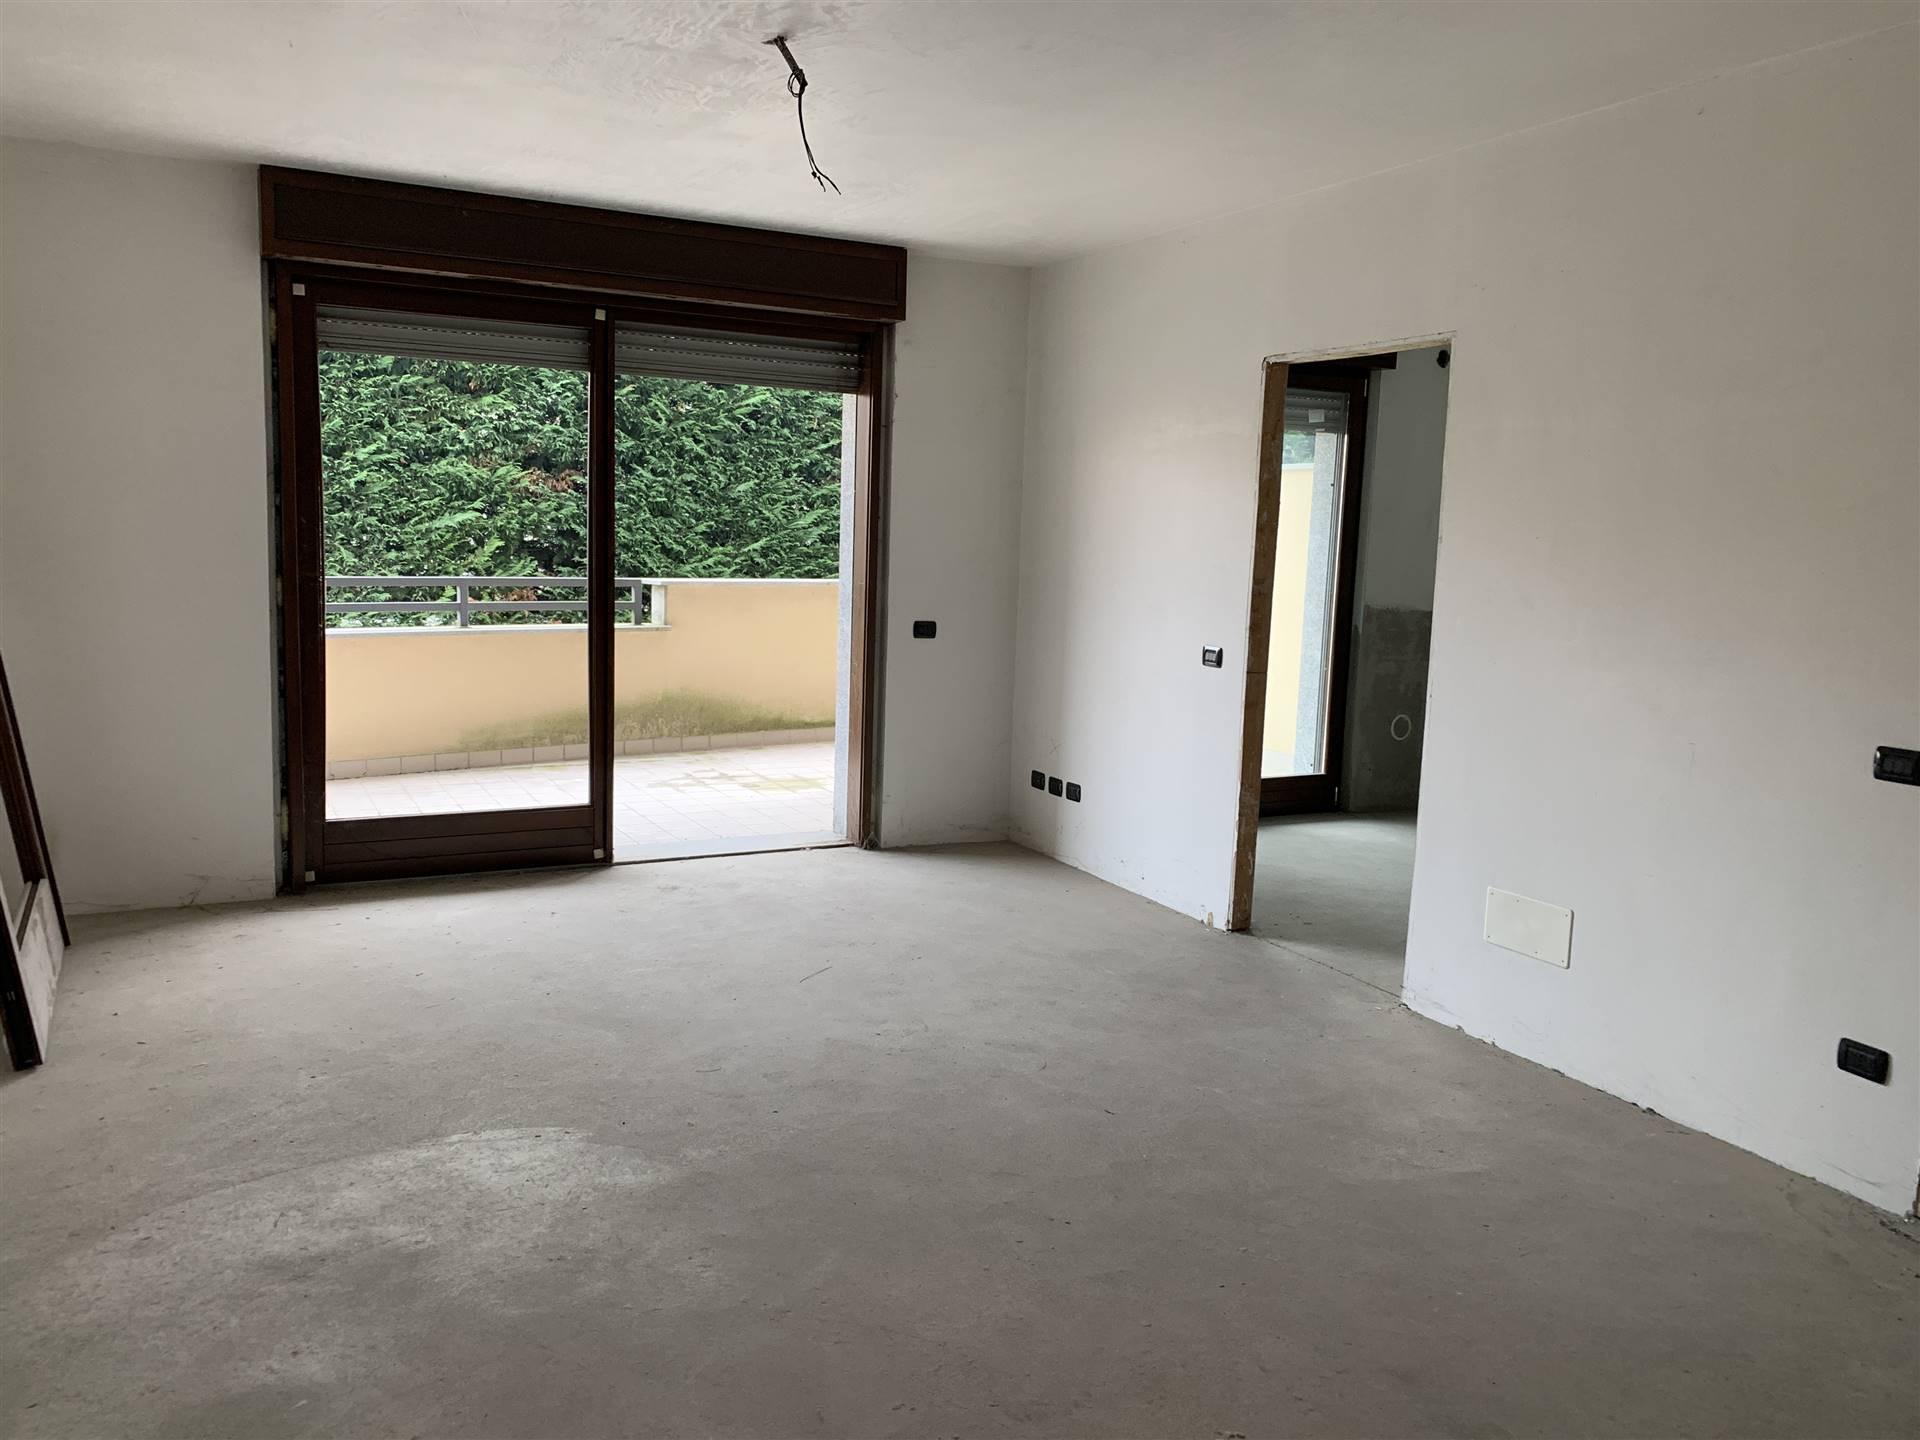 Appartamento in vendita a Busto Garolfo, 5 locali, prezzo € 275.000 | CambioCasa.it